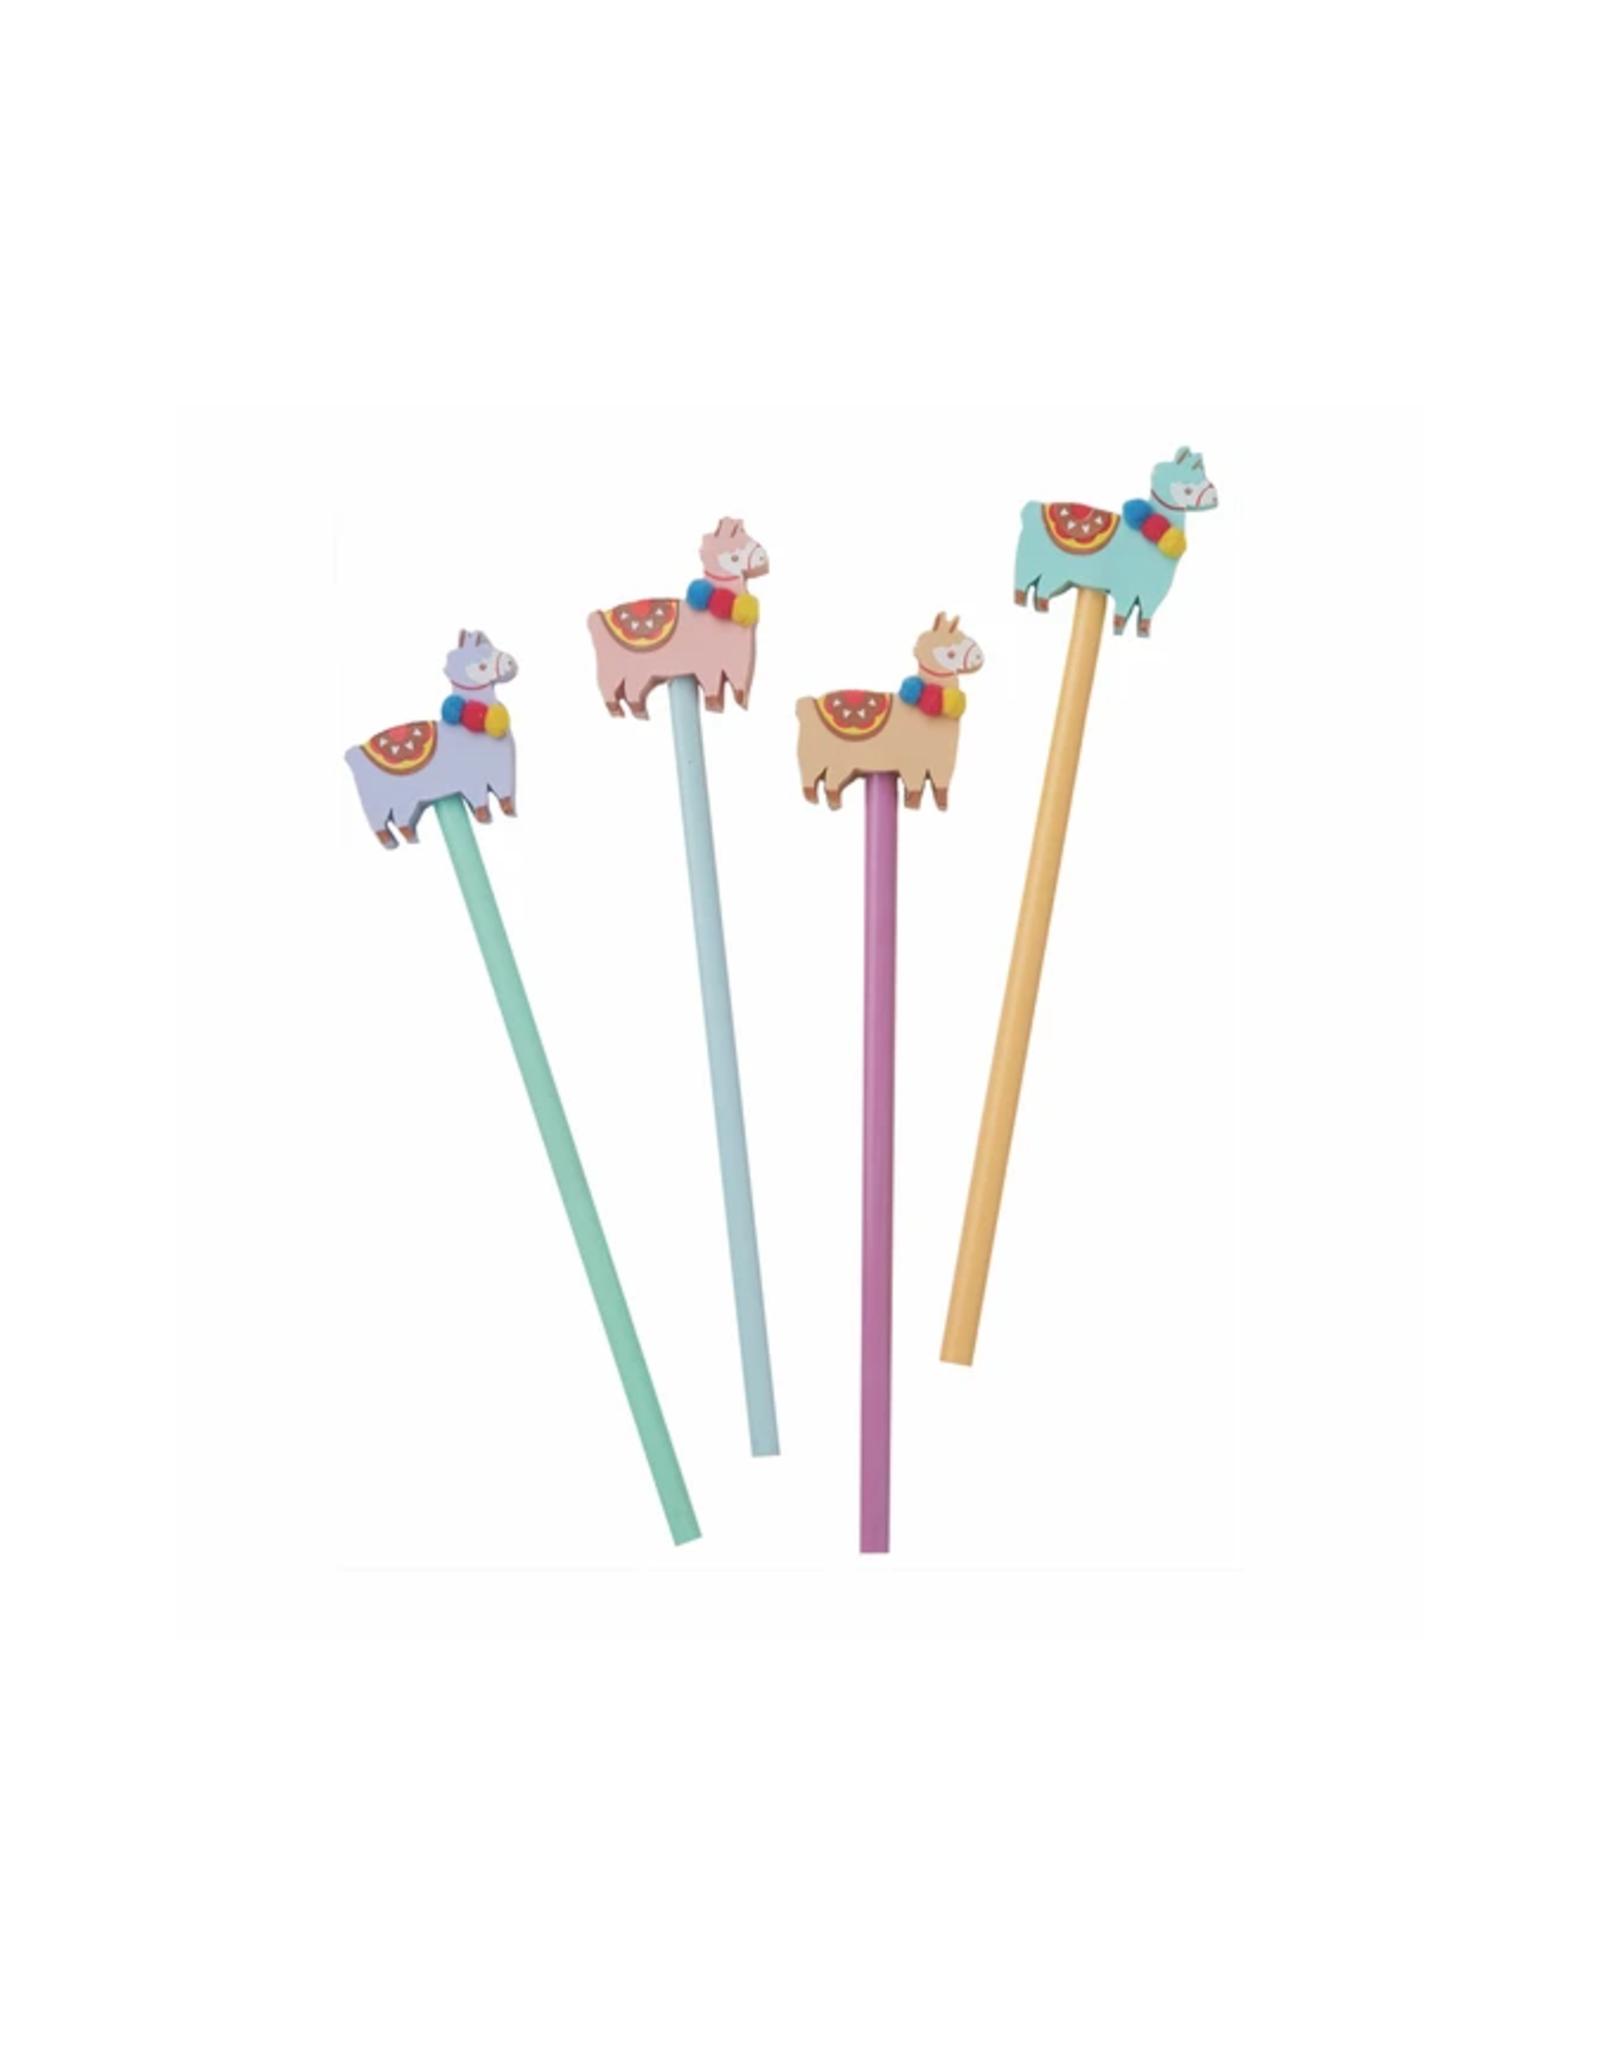 Llama Eraser and Pencil Set